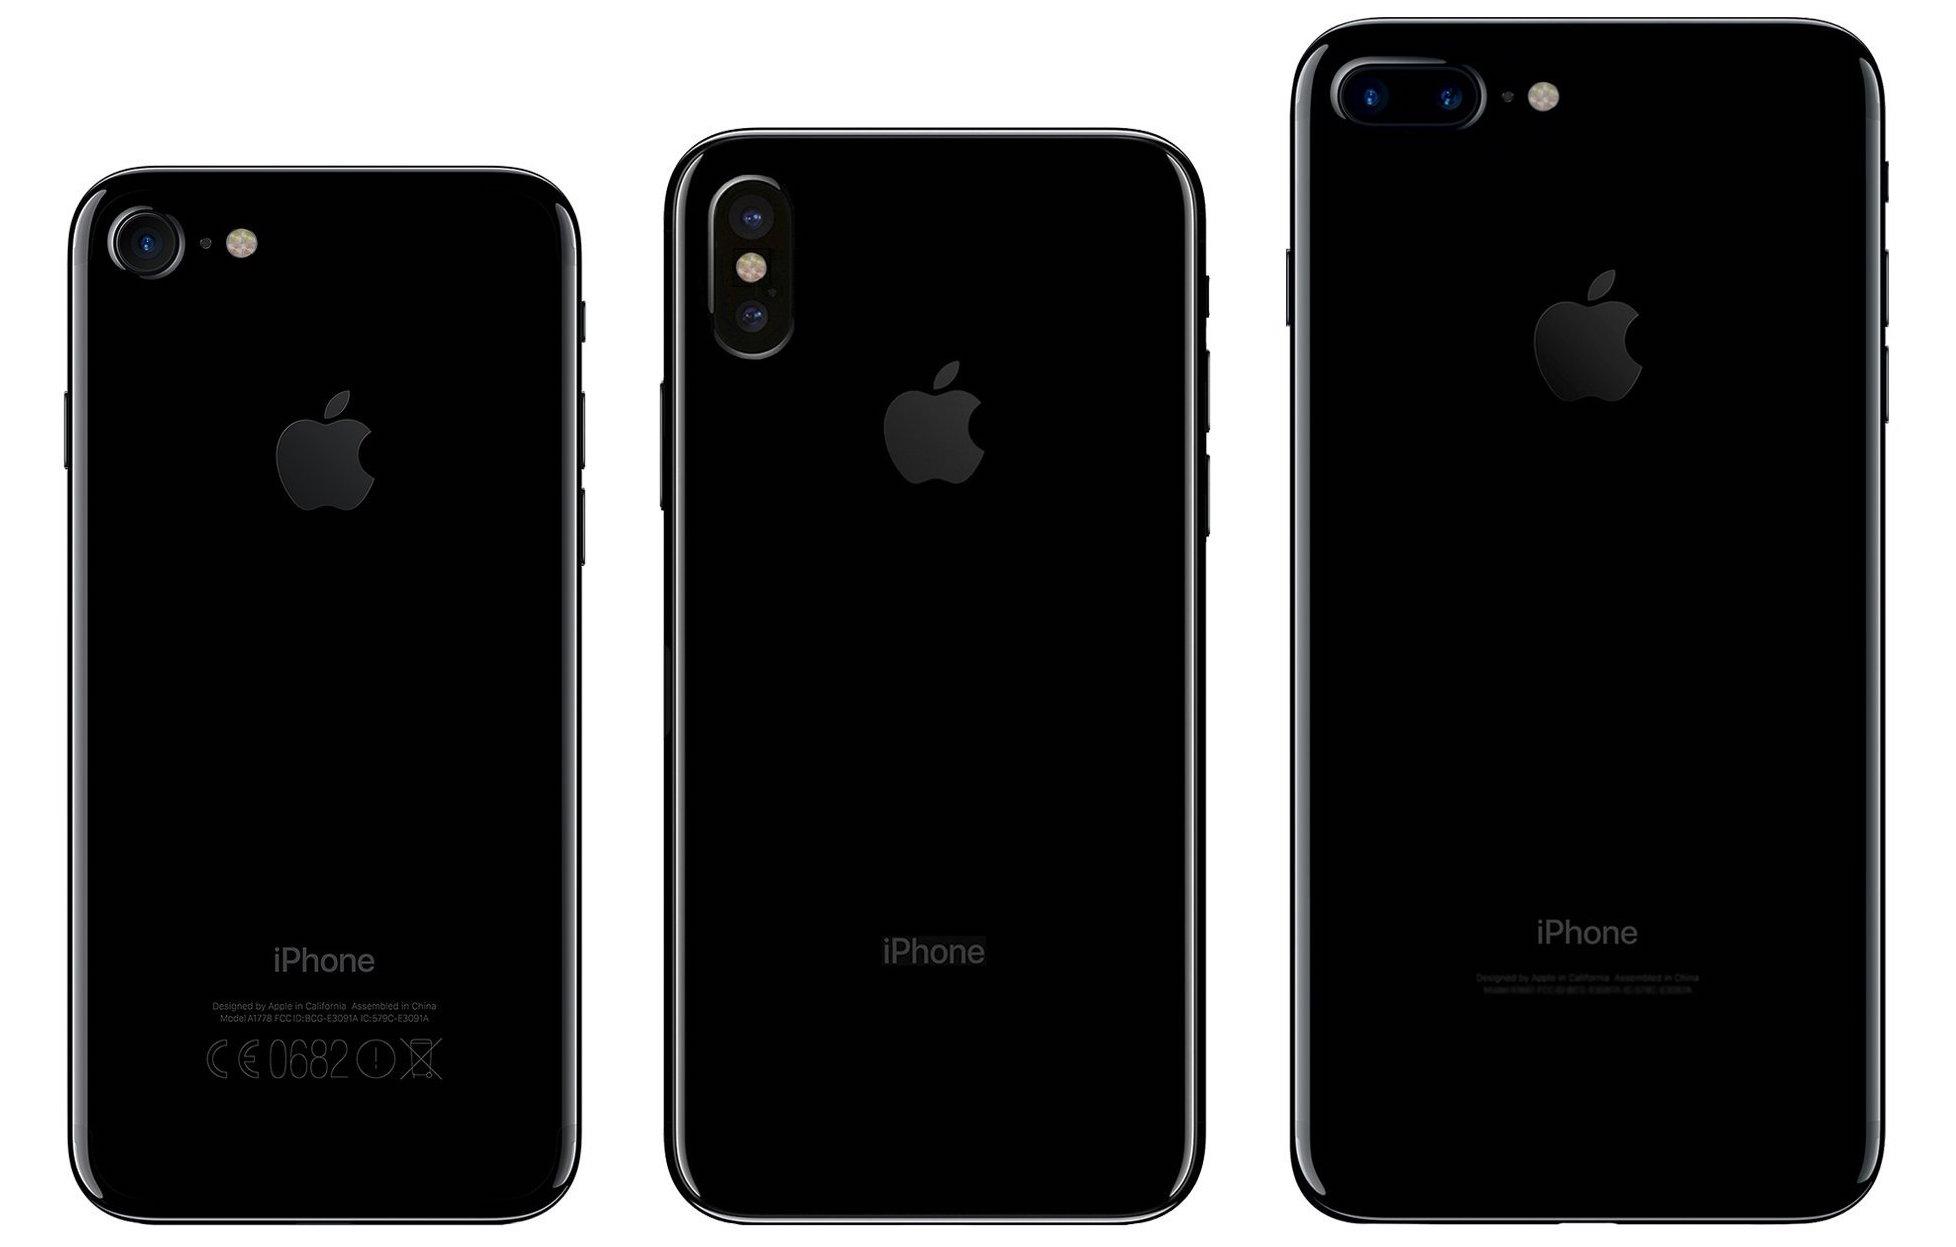 iPhone X или iPhone 8: чего ждать от презентации Apple 12 сентября?